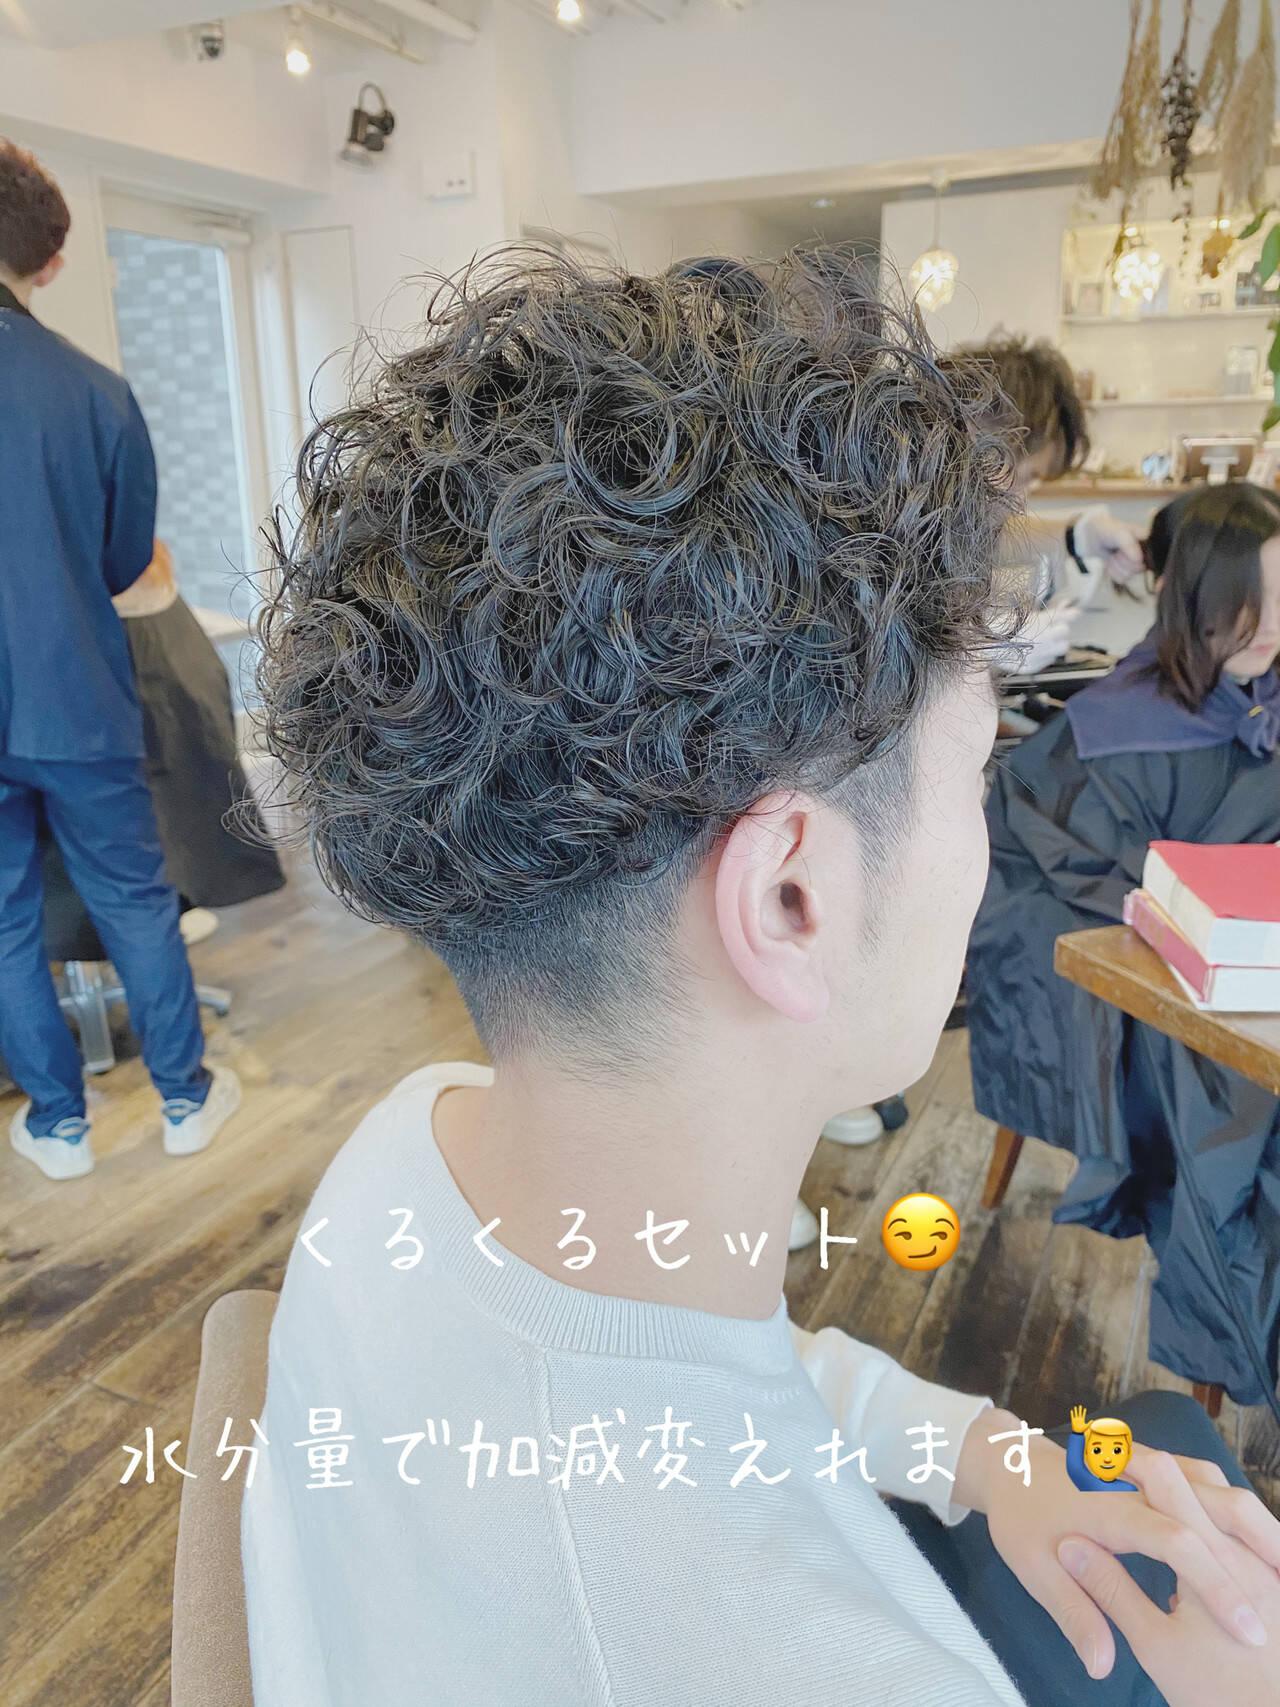 メンズカット メンズ ナチュラル メンズショートヘアスタイルや髪型の写真・画像